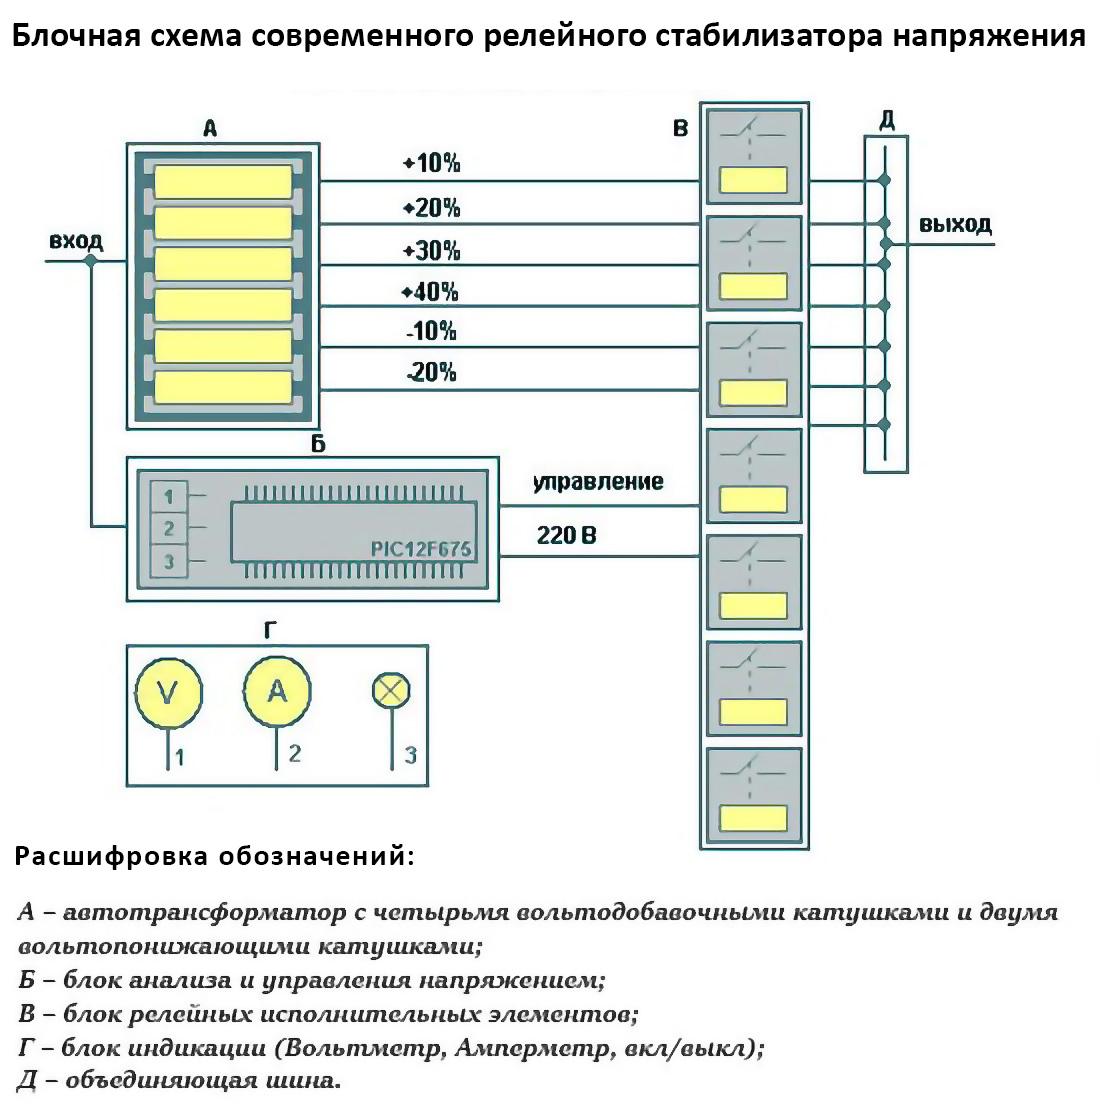 структурная схема релейного стабилизатора напряжения